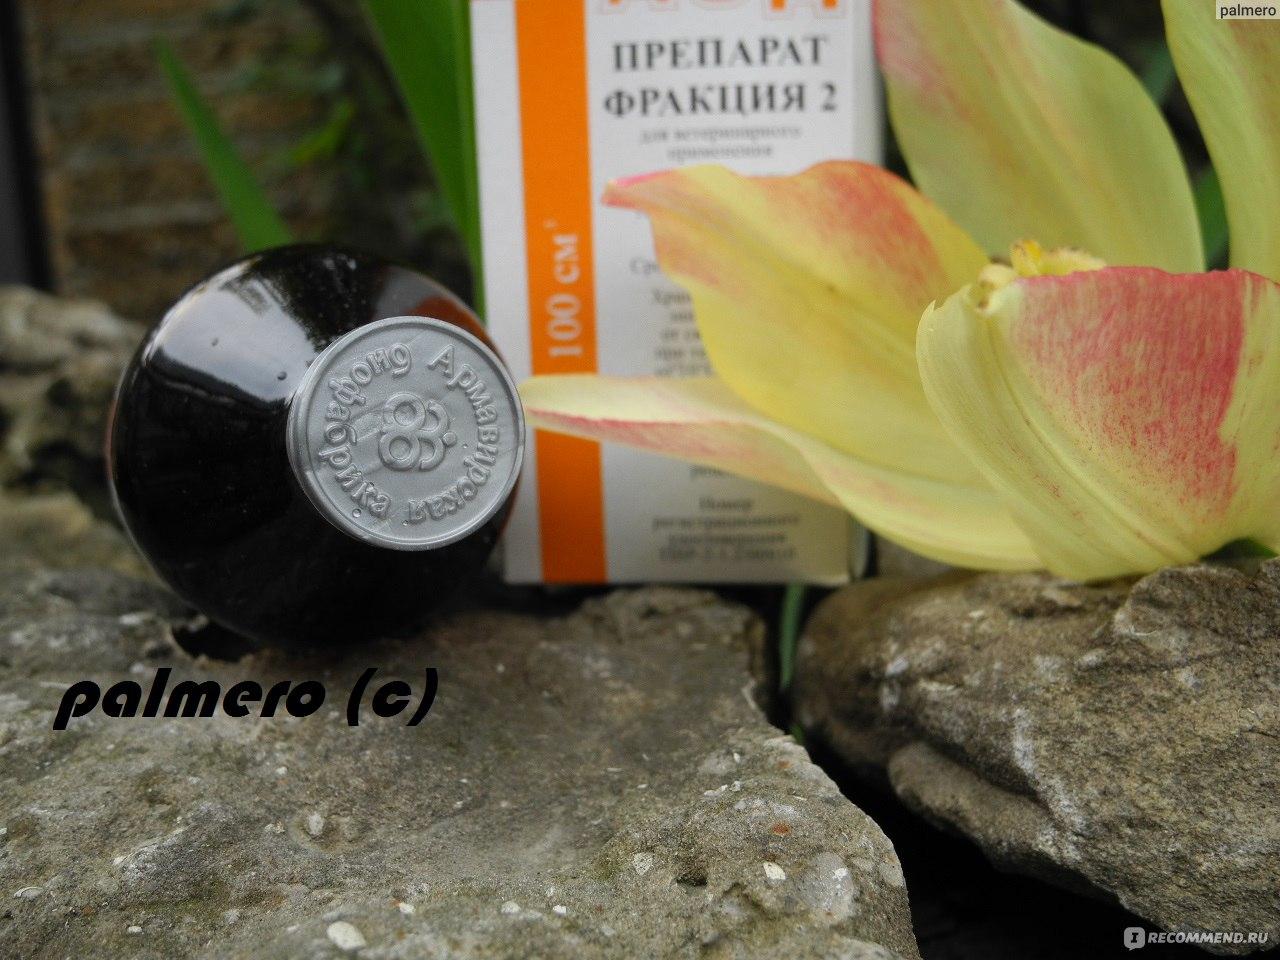 Асд 2 от псориаза